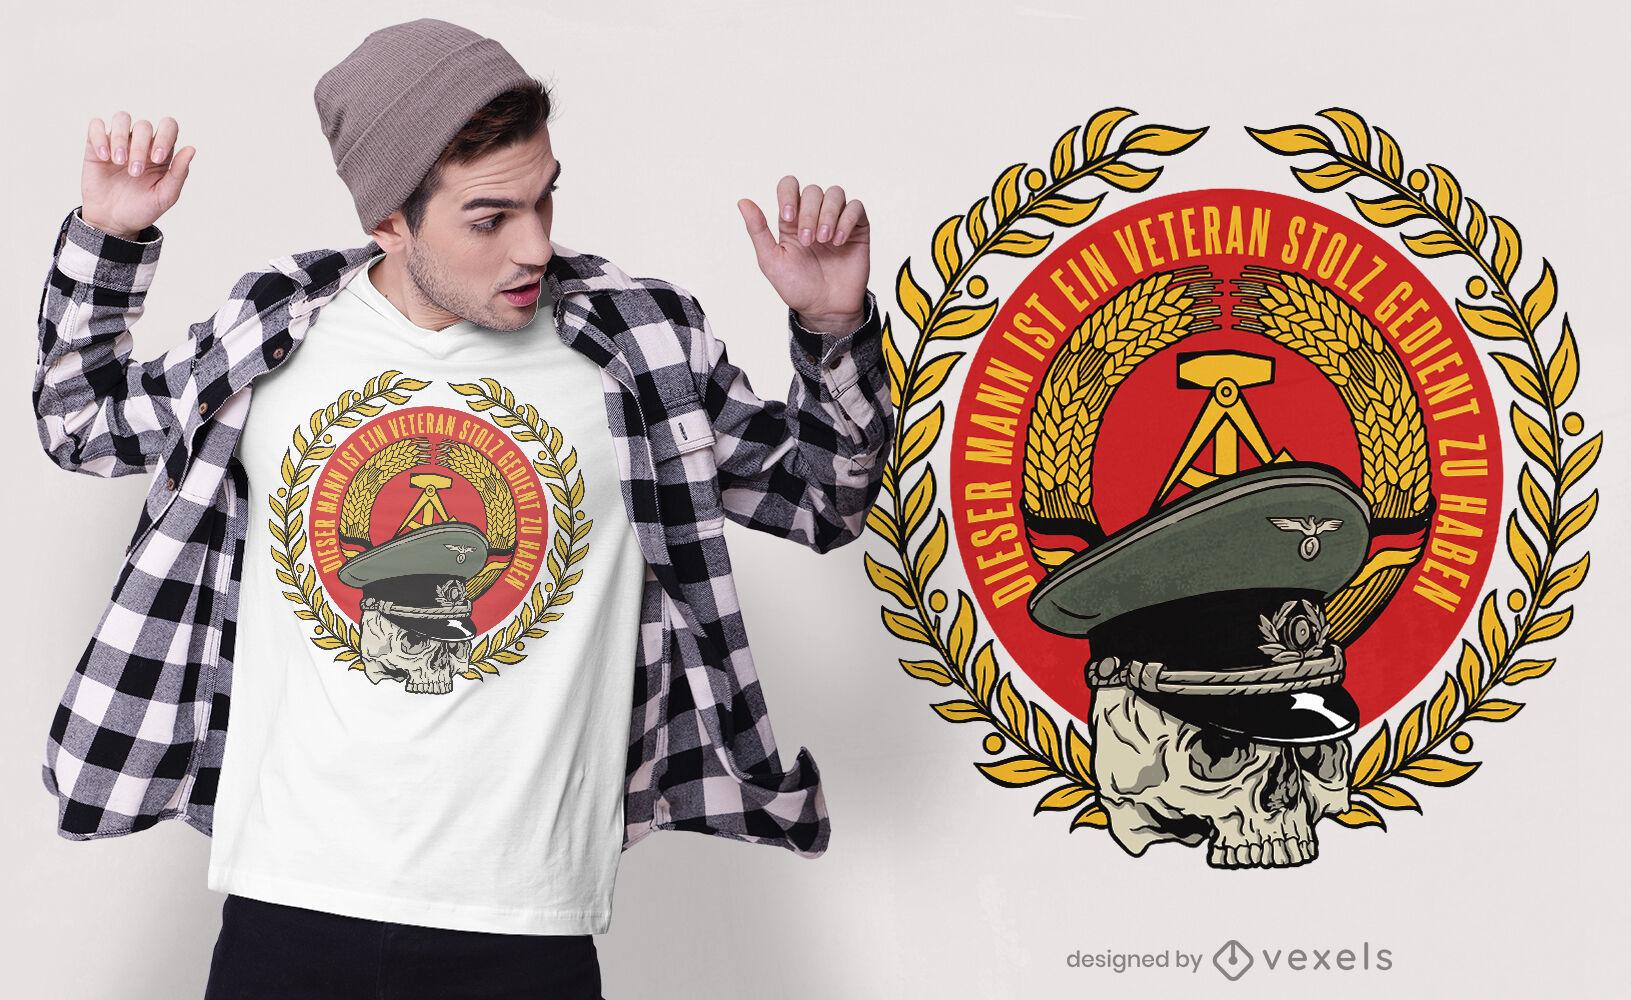 T-Shirt-Design mit Abzeichen der deutschen Veteranenarmee